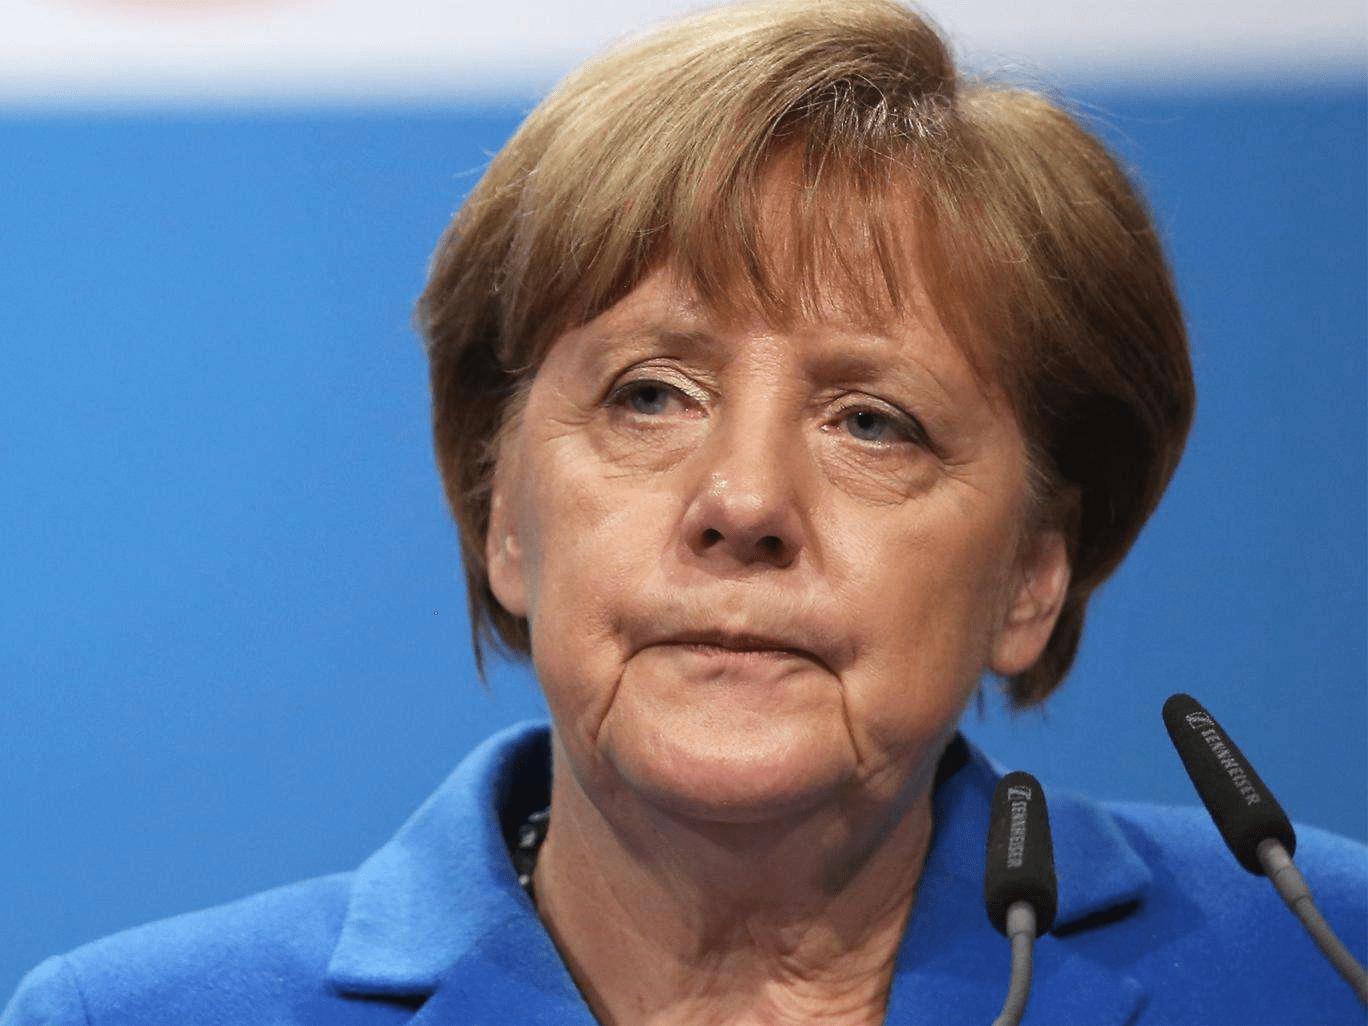 向特朗普屈服?美国刚宣布从德国撤军,默克尔便改口参加七国峰会_德国新闻_德国中文网